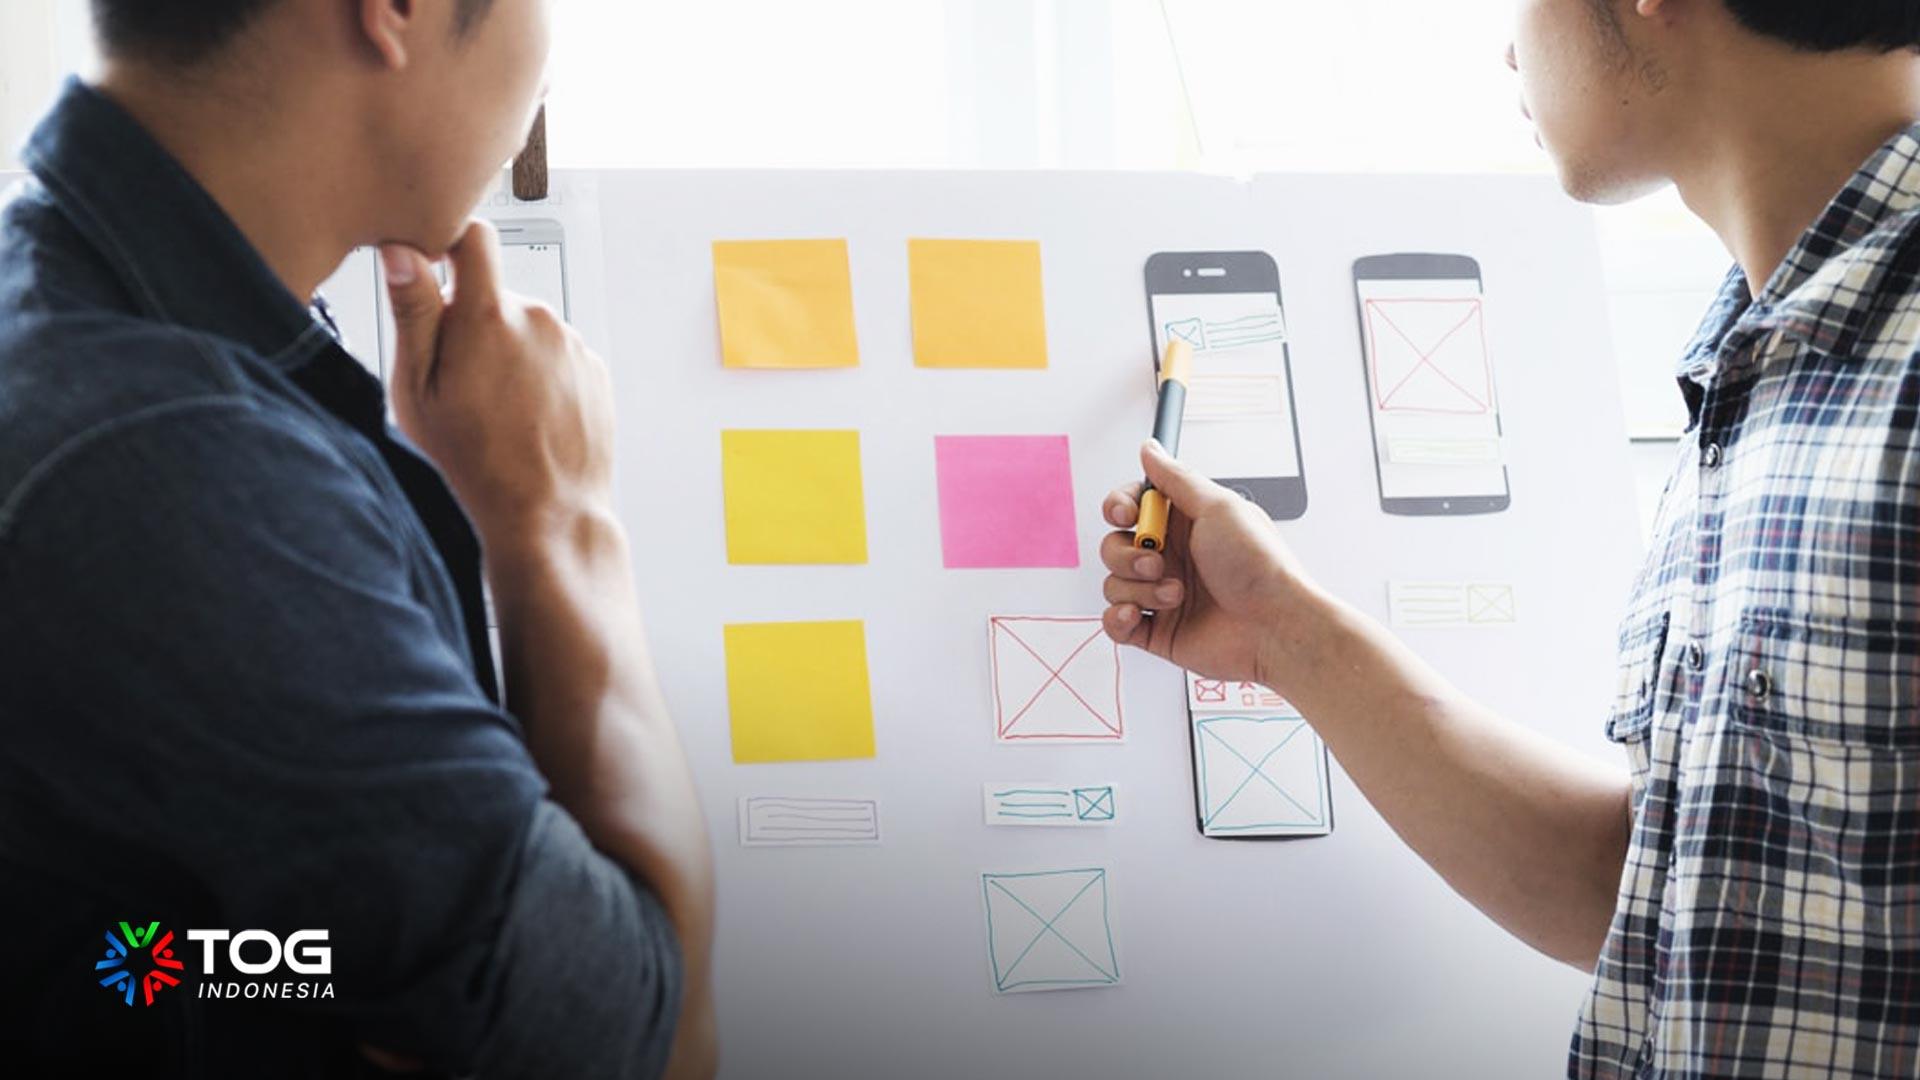 Bocoran Pertanyaan Interview UI/UX Designer yang Wajib Diketahui